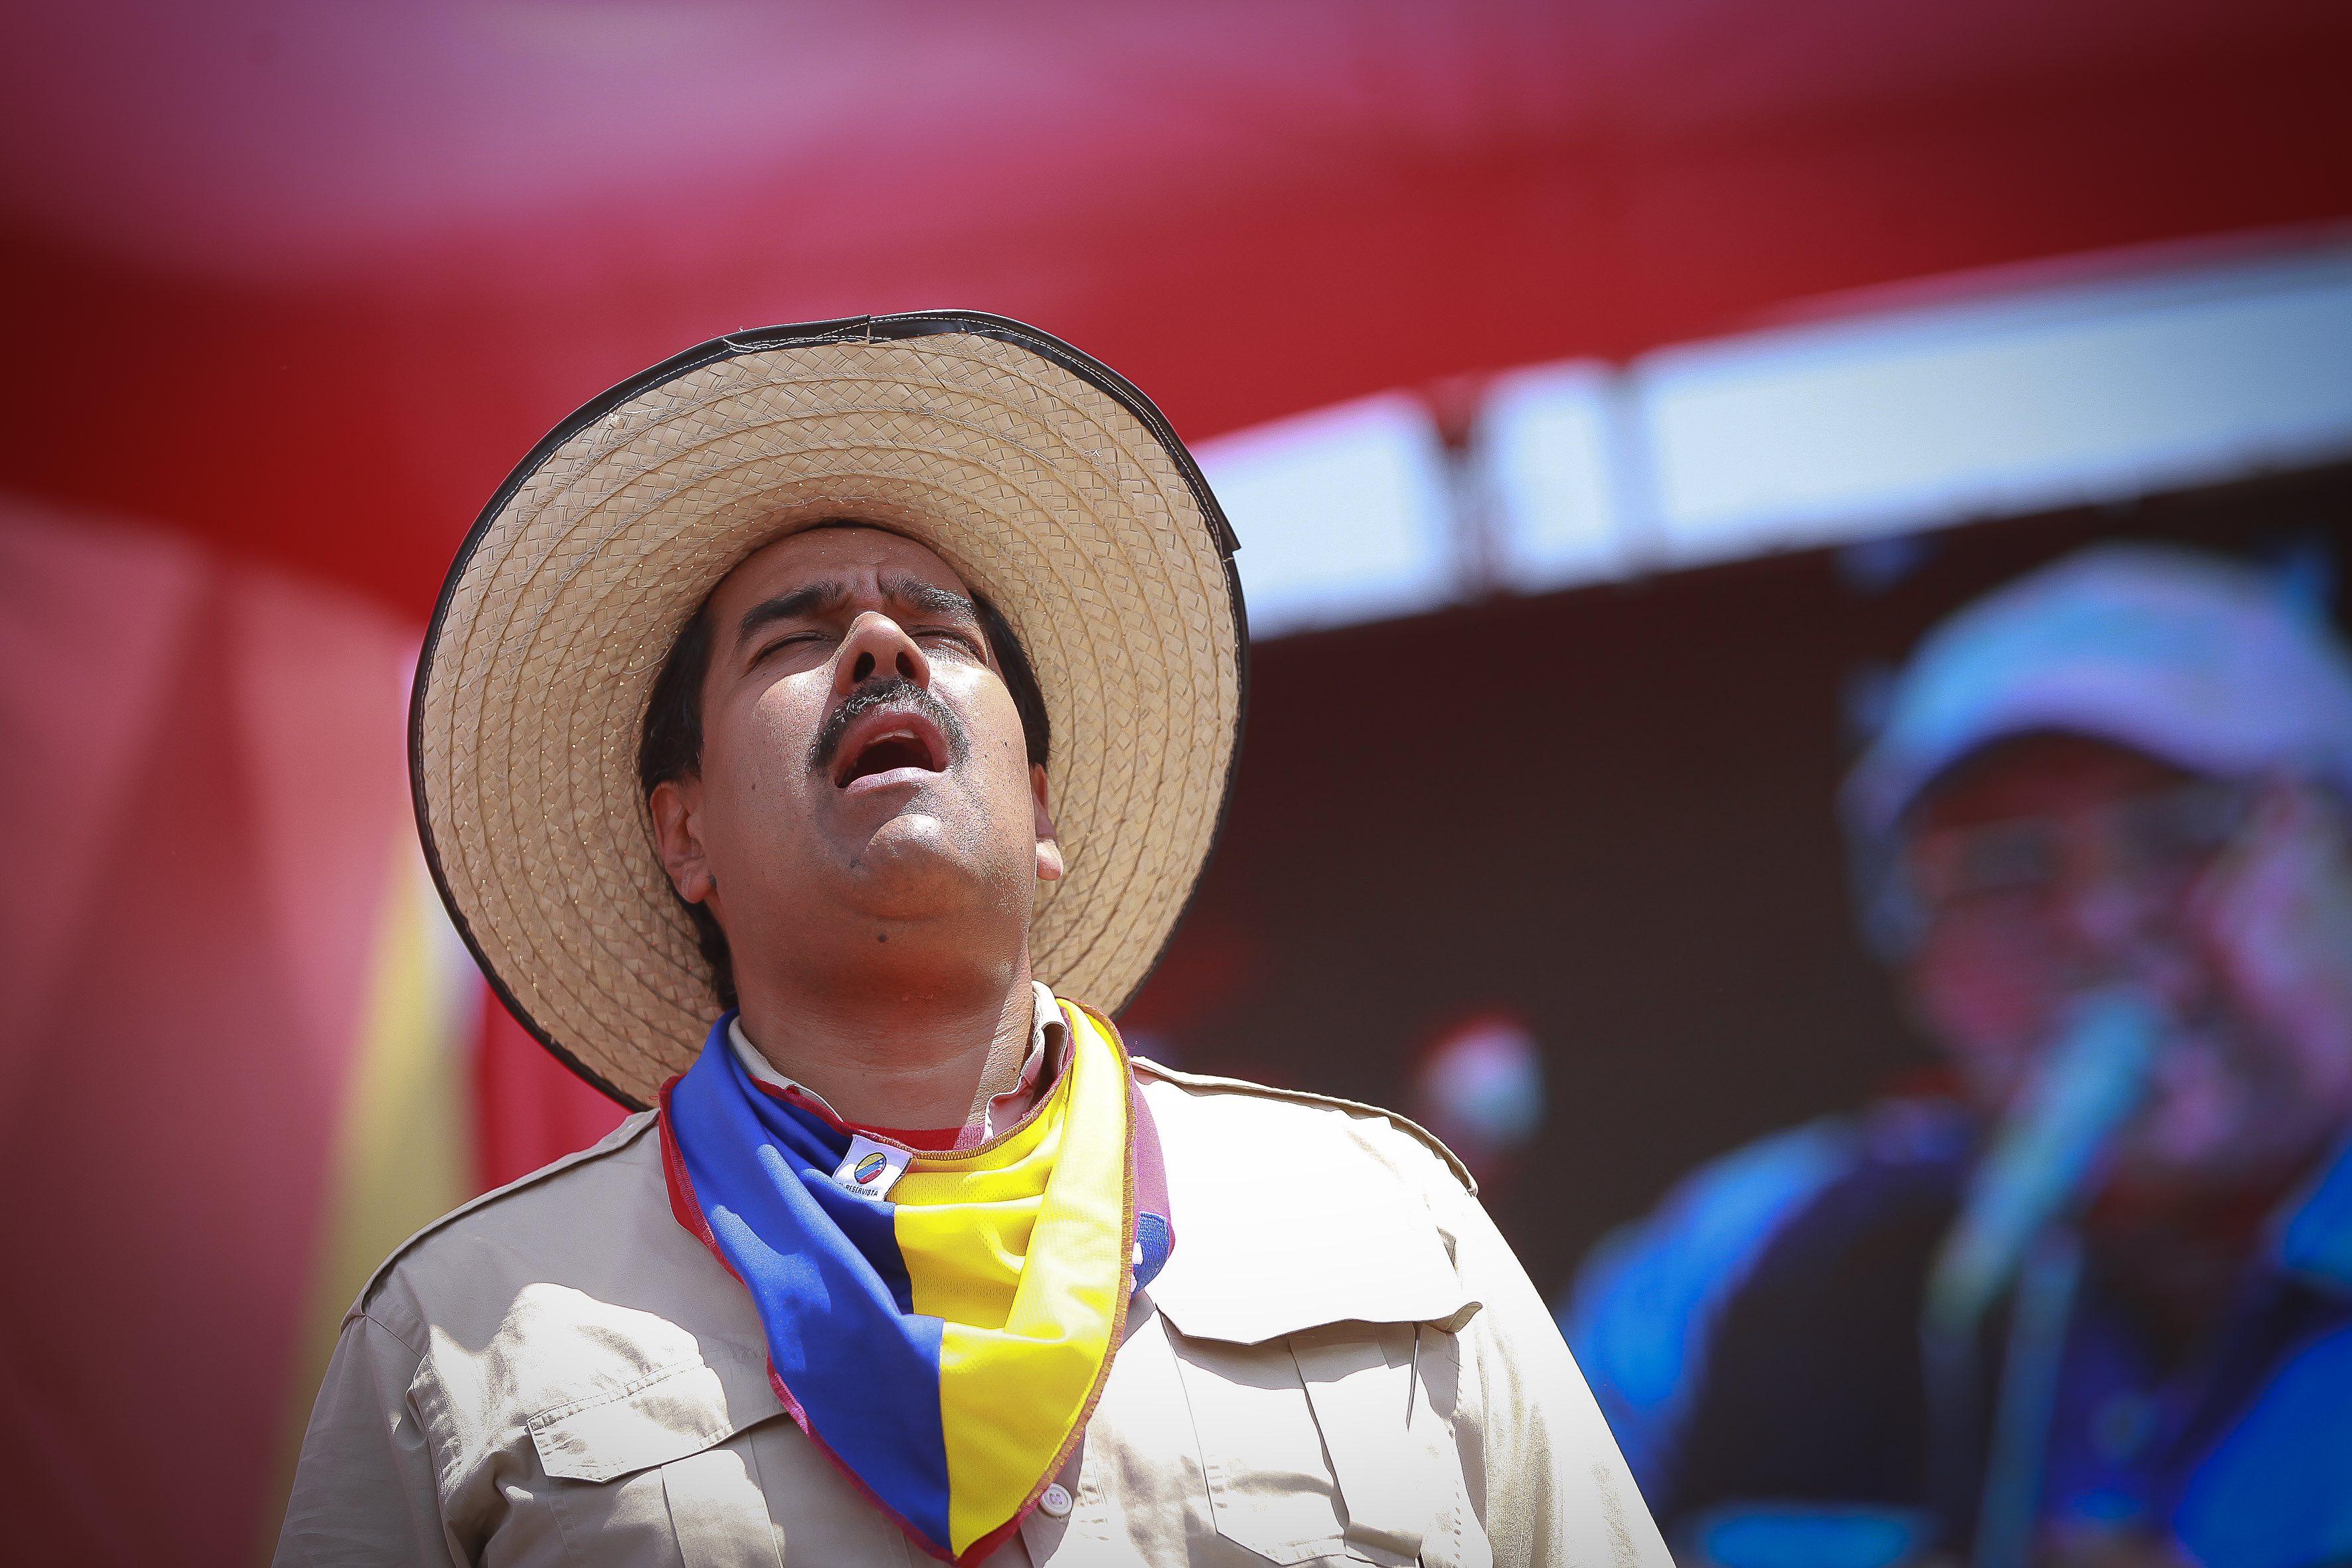 """Gómez descubrió que en las campañas chavistas """"todo es show y negocios"""" / Foto: José Carlos Gómez"""